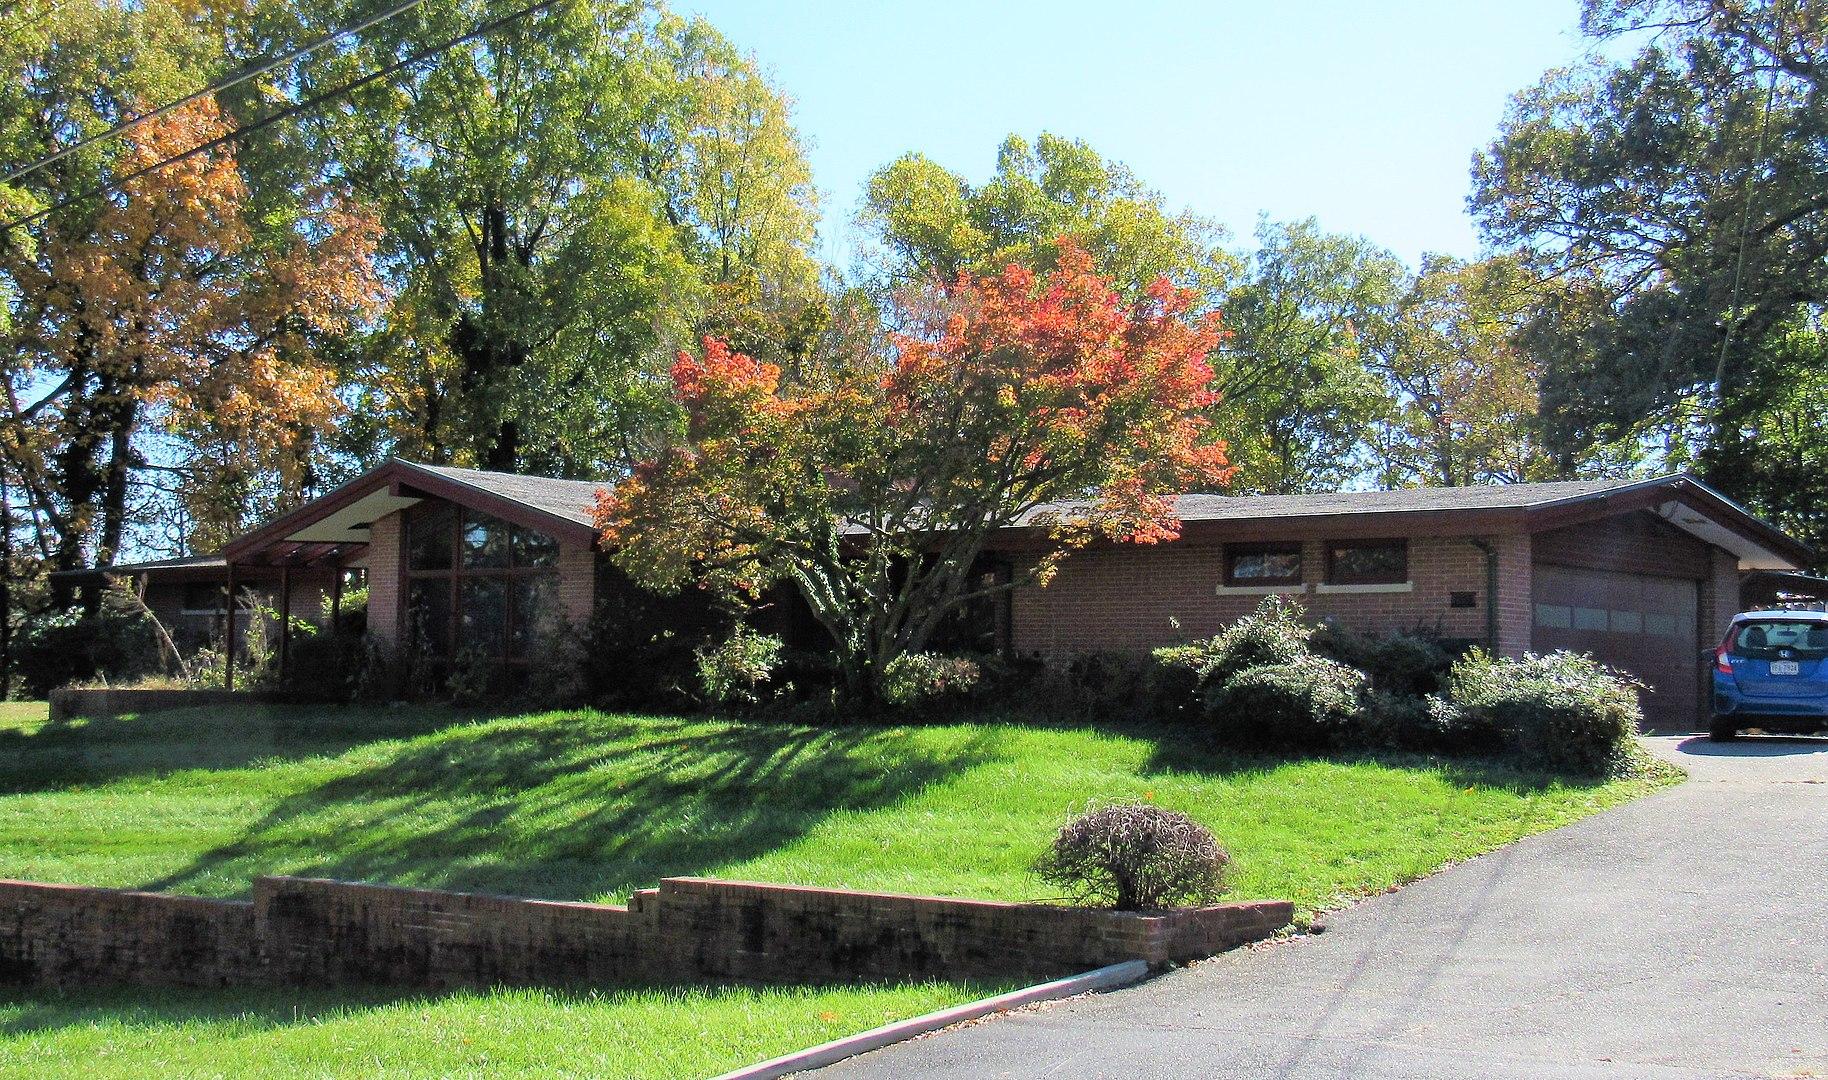 Marenka House, College Park, MD.  (Built in 1958.)